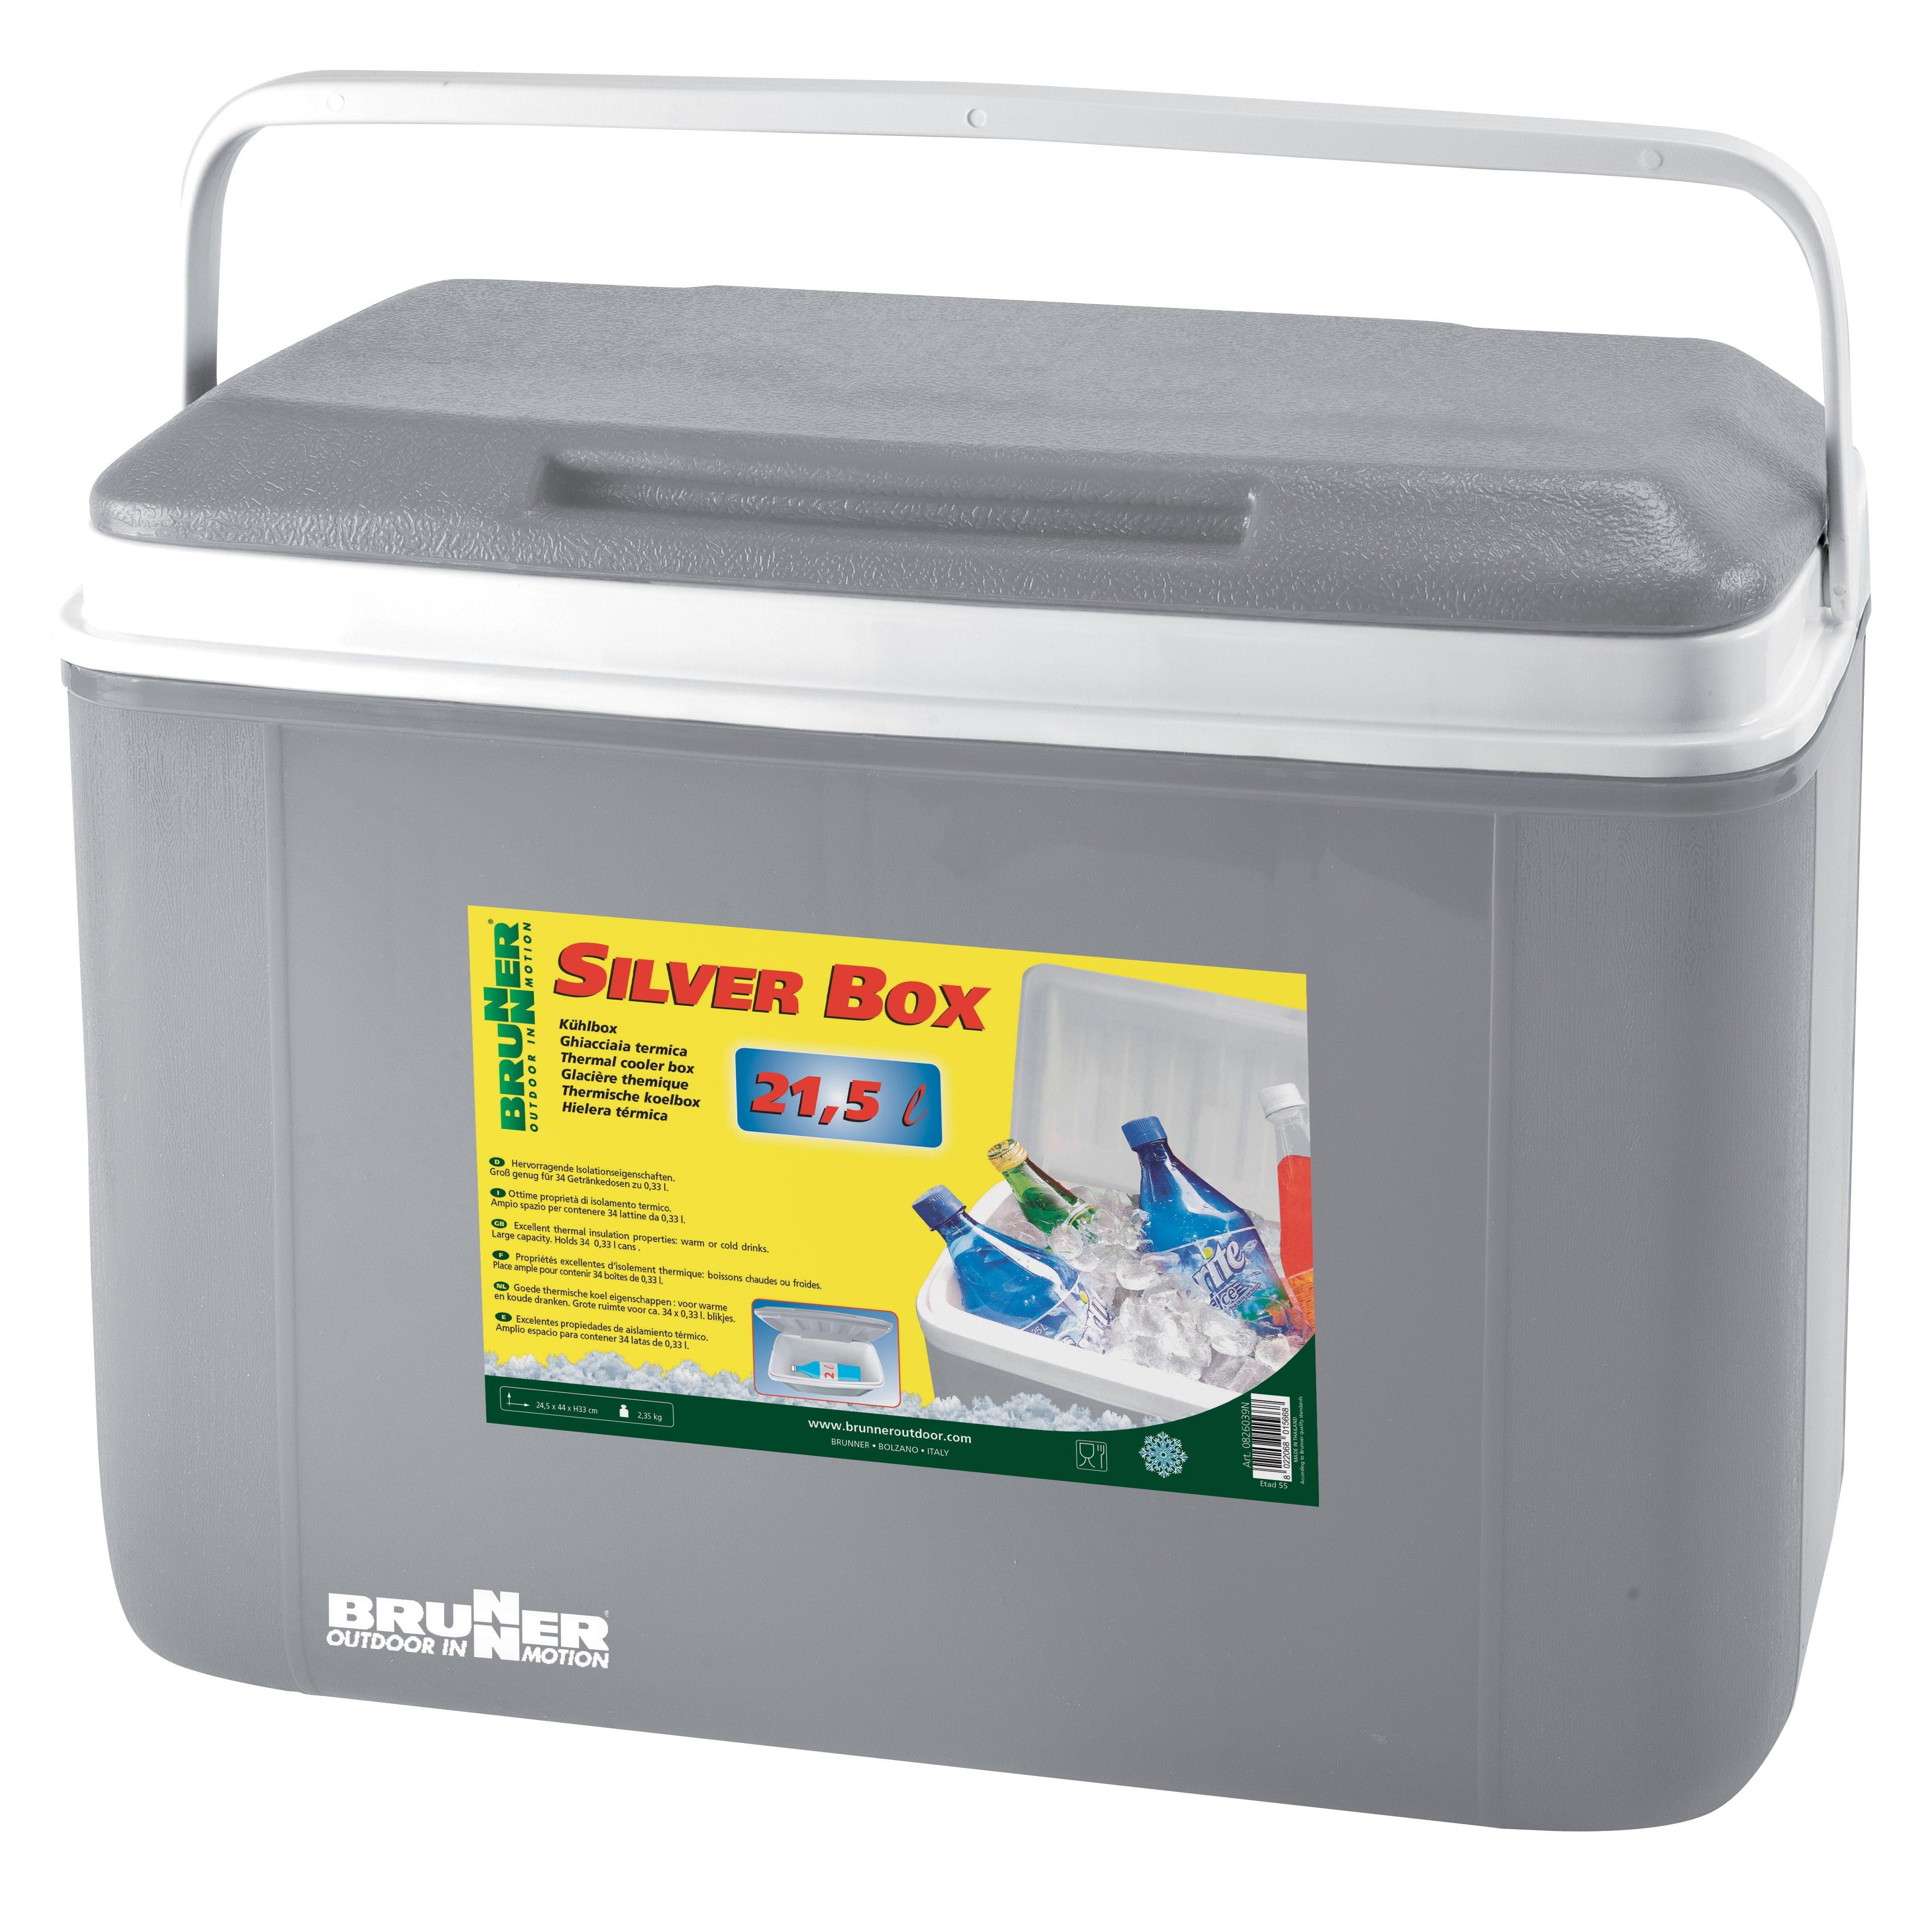 Ghiacciaia Silver Box 21